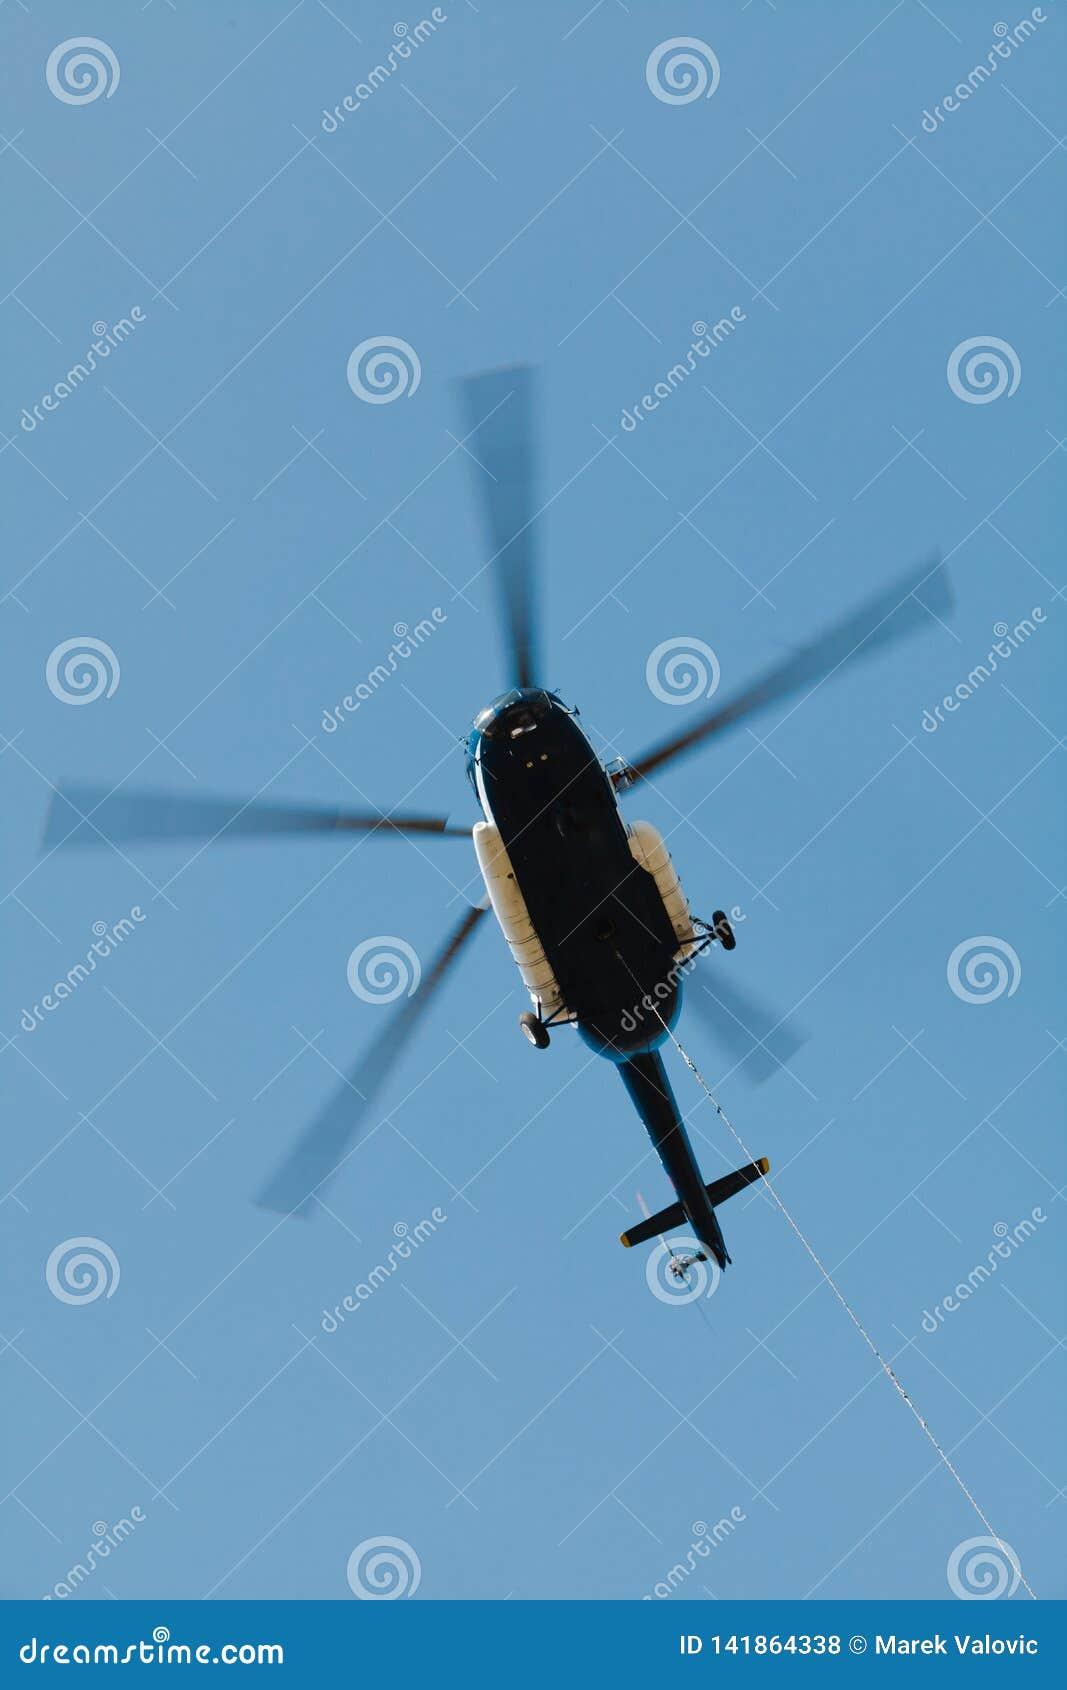 Helikopter towarowy z zawieszonymi zafrachtowaniami na kablu - w akcji